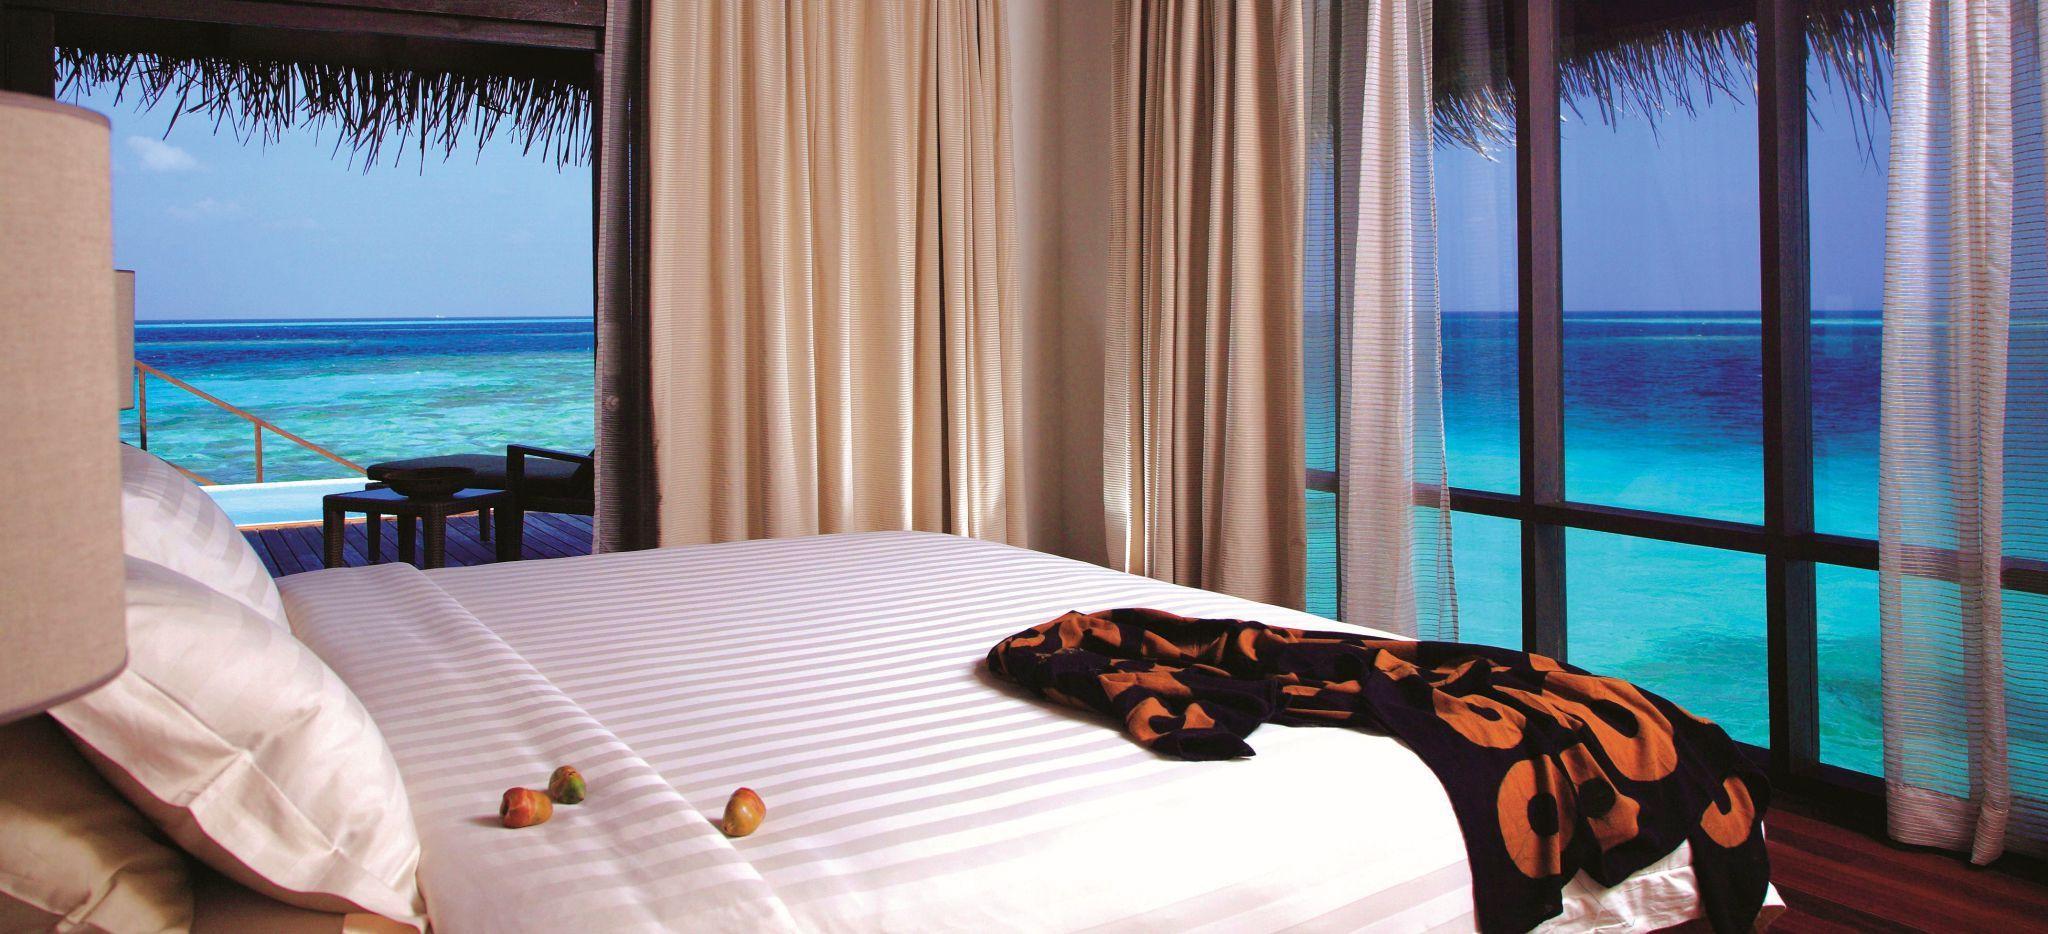 Ein Schlafzimmer mit Blick auf die türkise Lagune der Malediveninsel Coco Palm Bodu Hithi